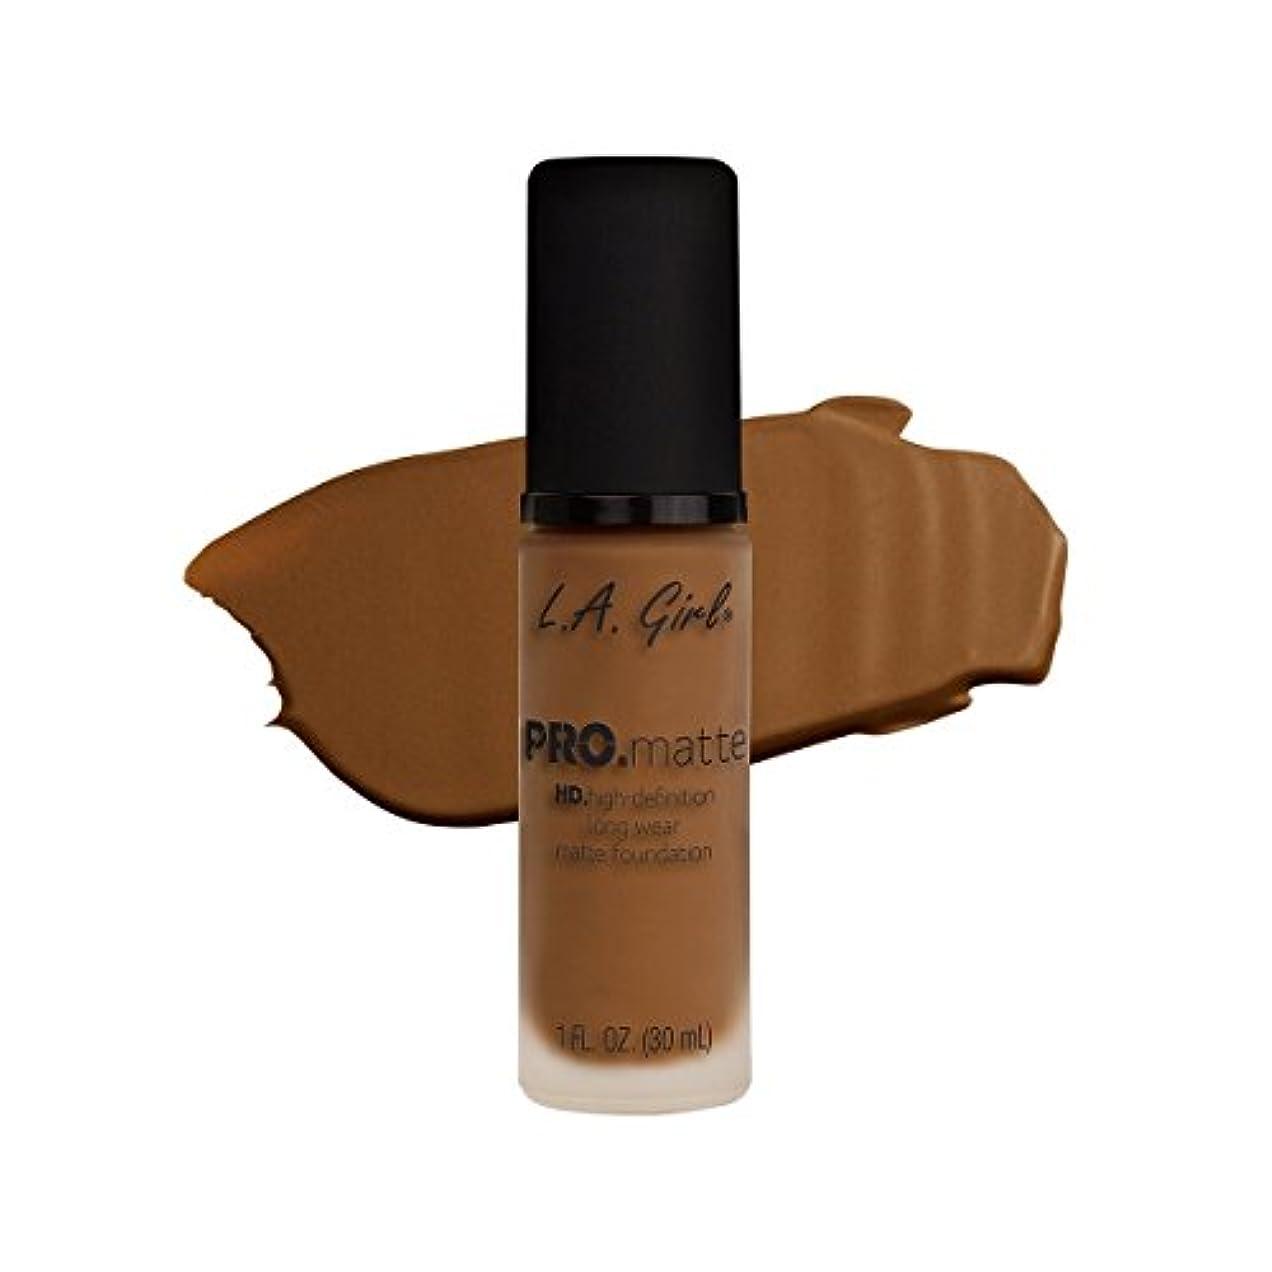 信条バケット形(3 Pack) L.A. GIRL Pro Matte Foundation - Nutmeg (並行輸入品)